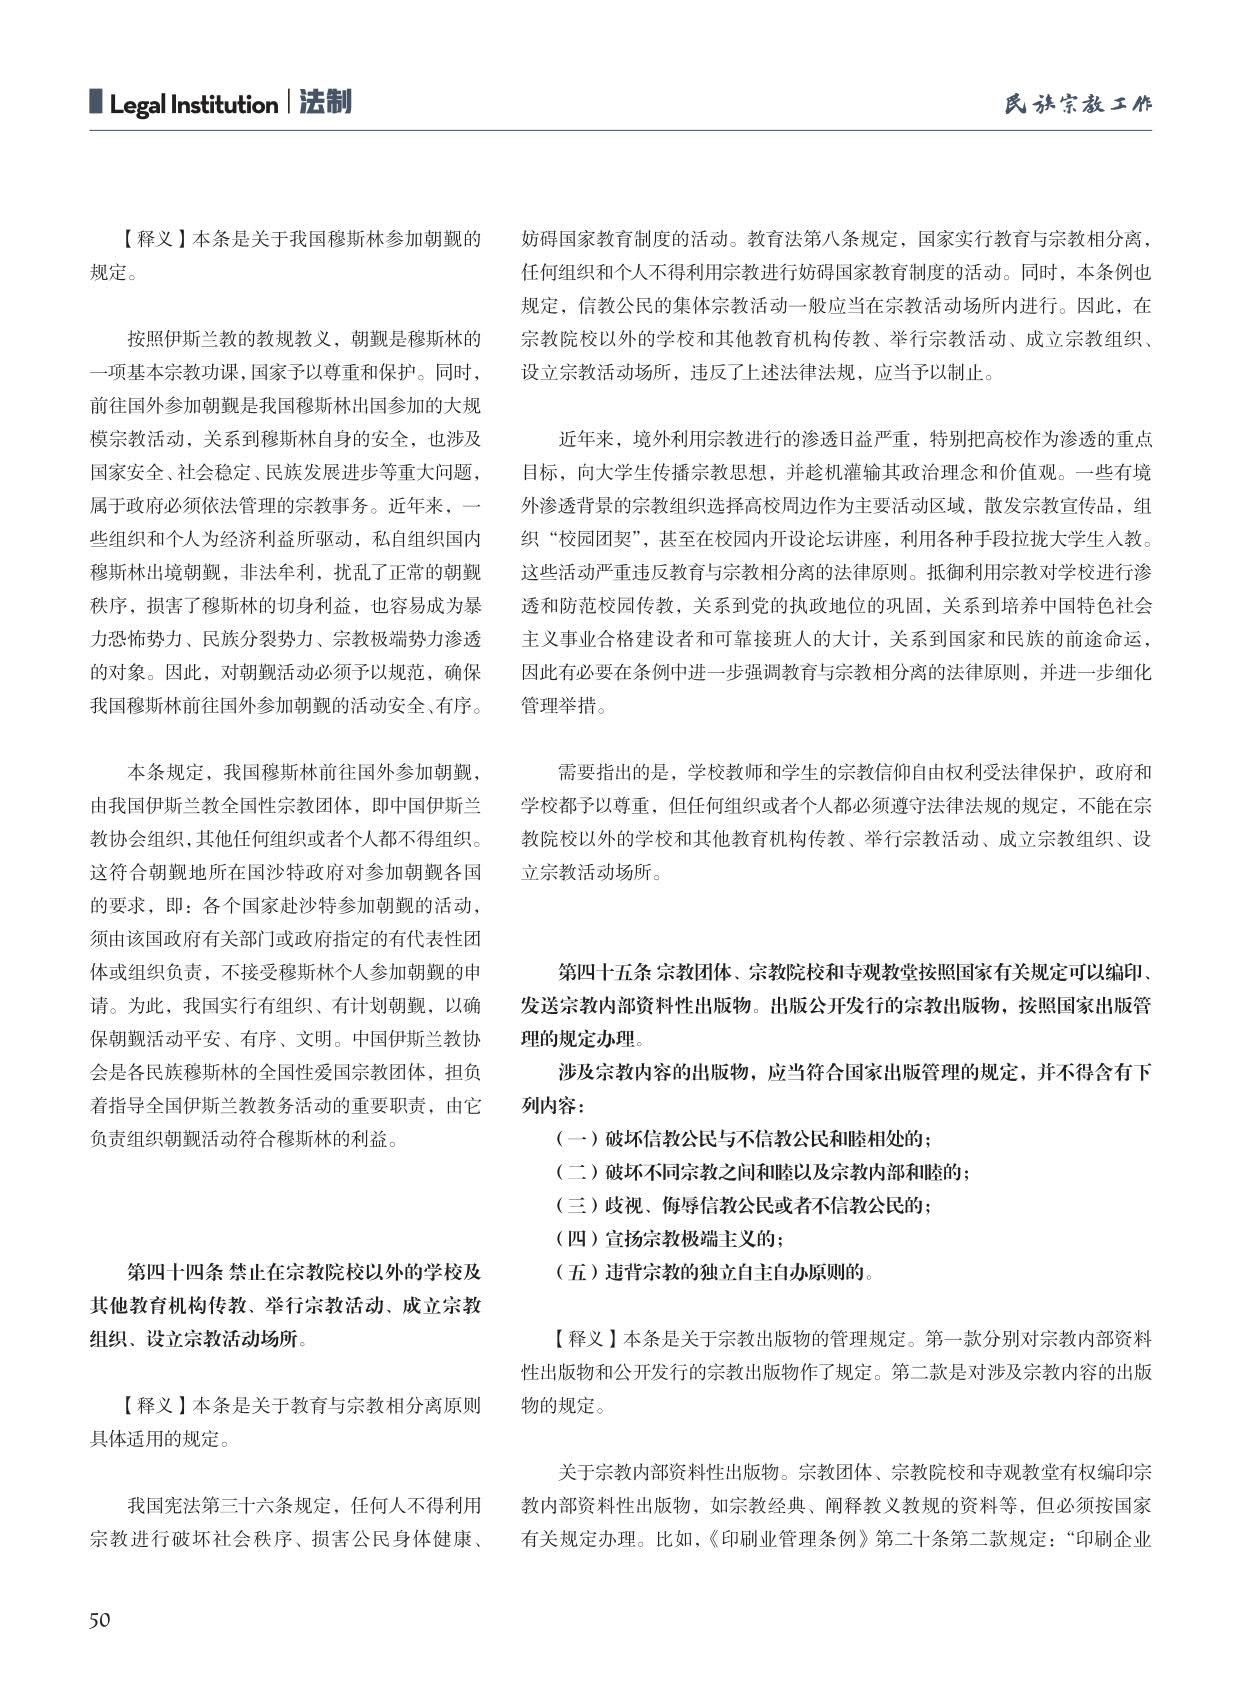 民宗委 十月(1)_52.jpg